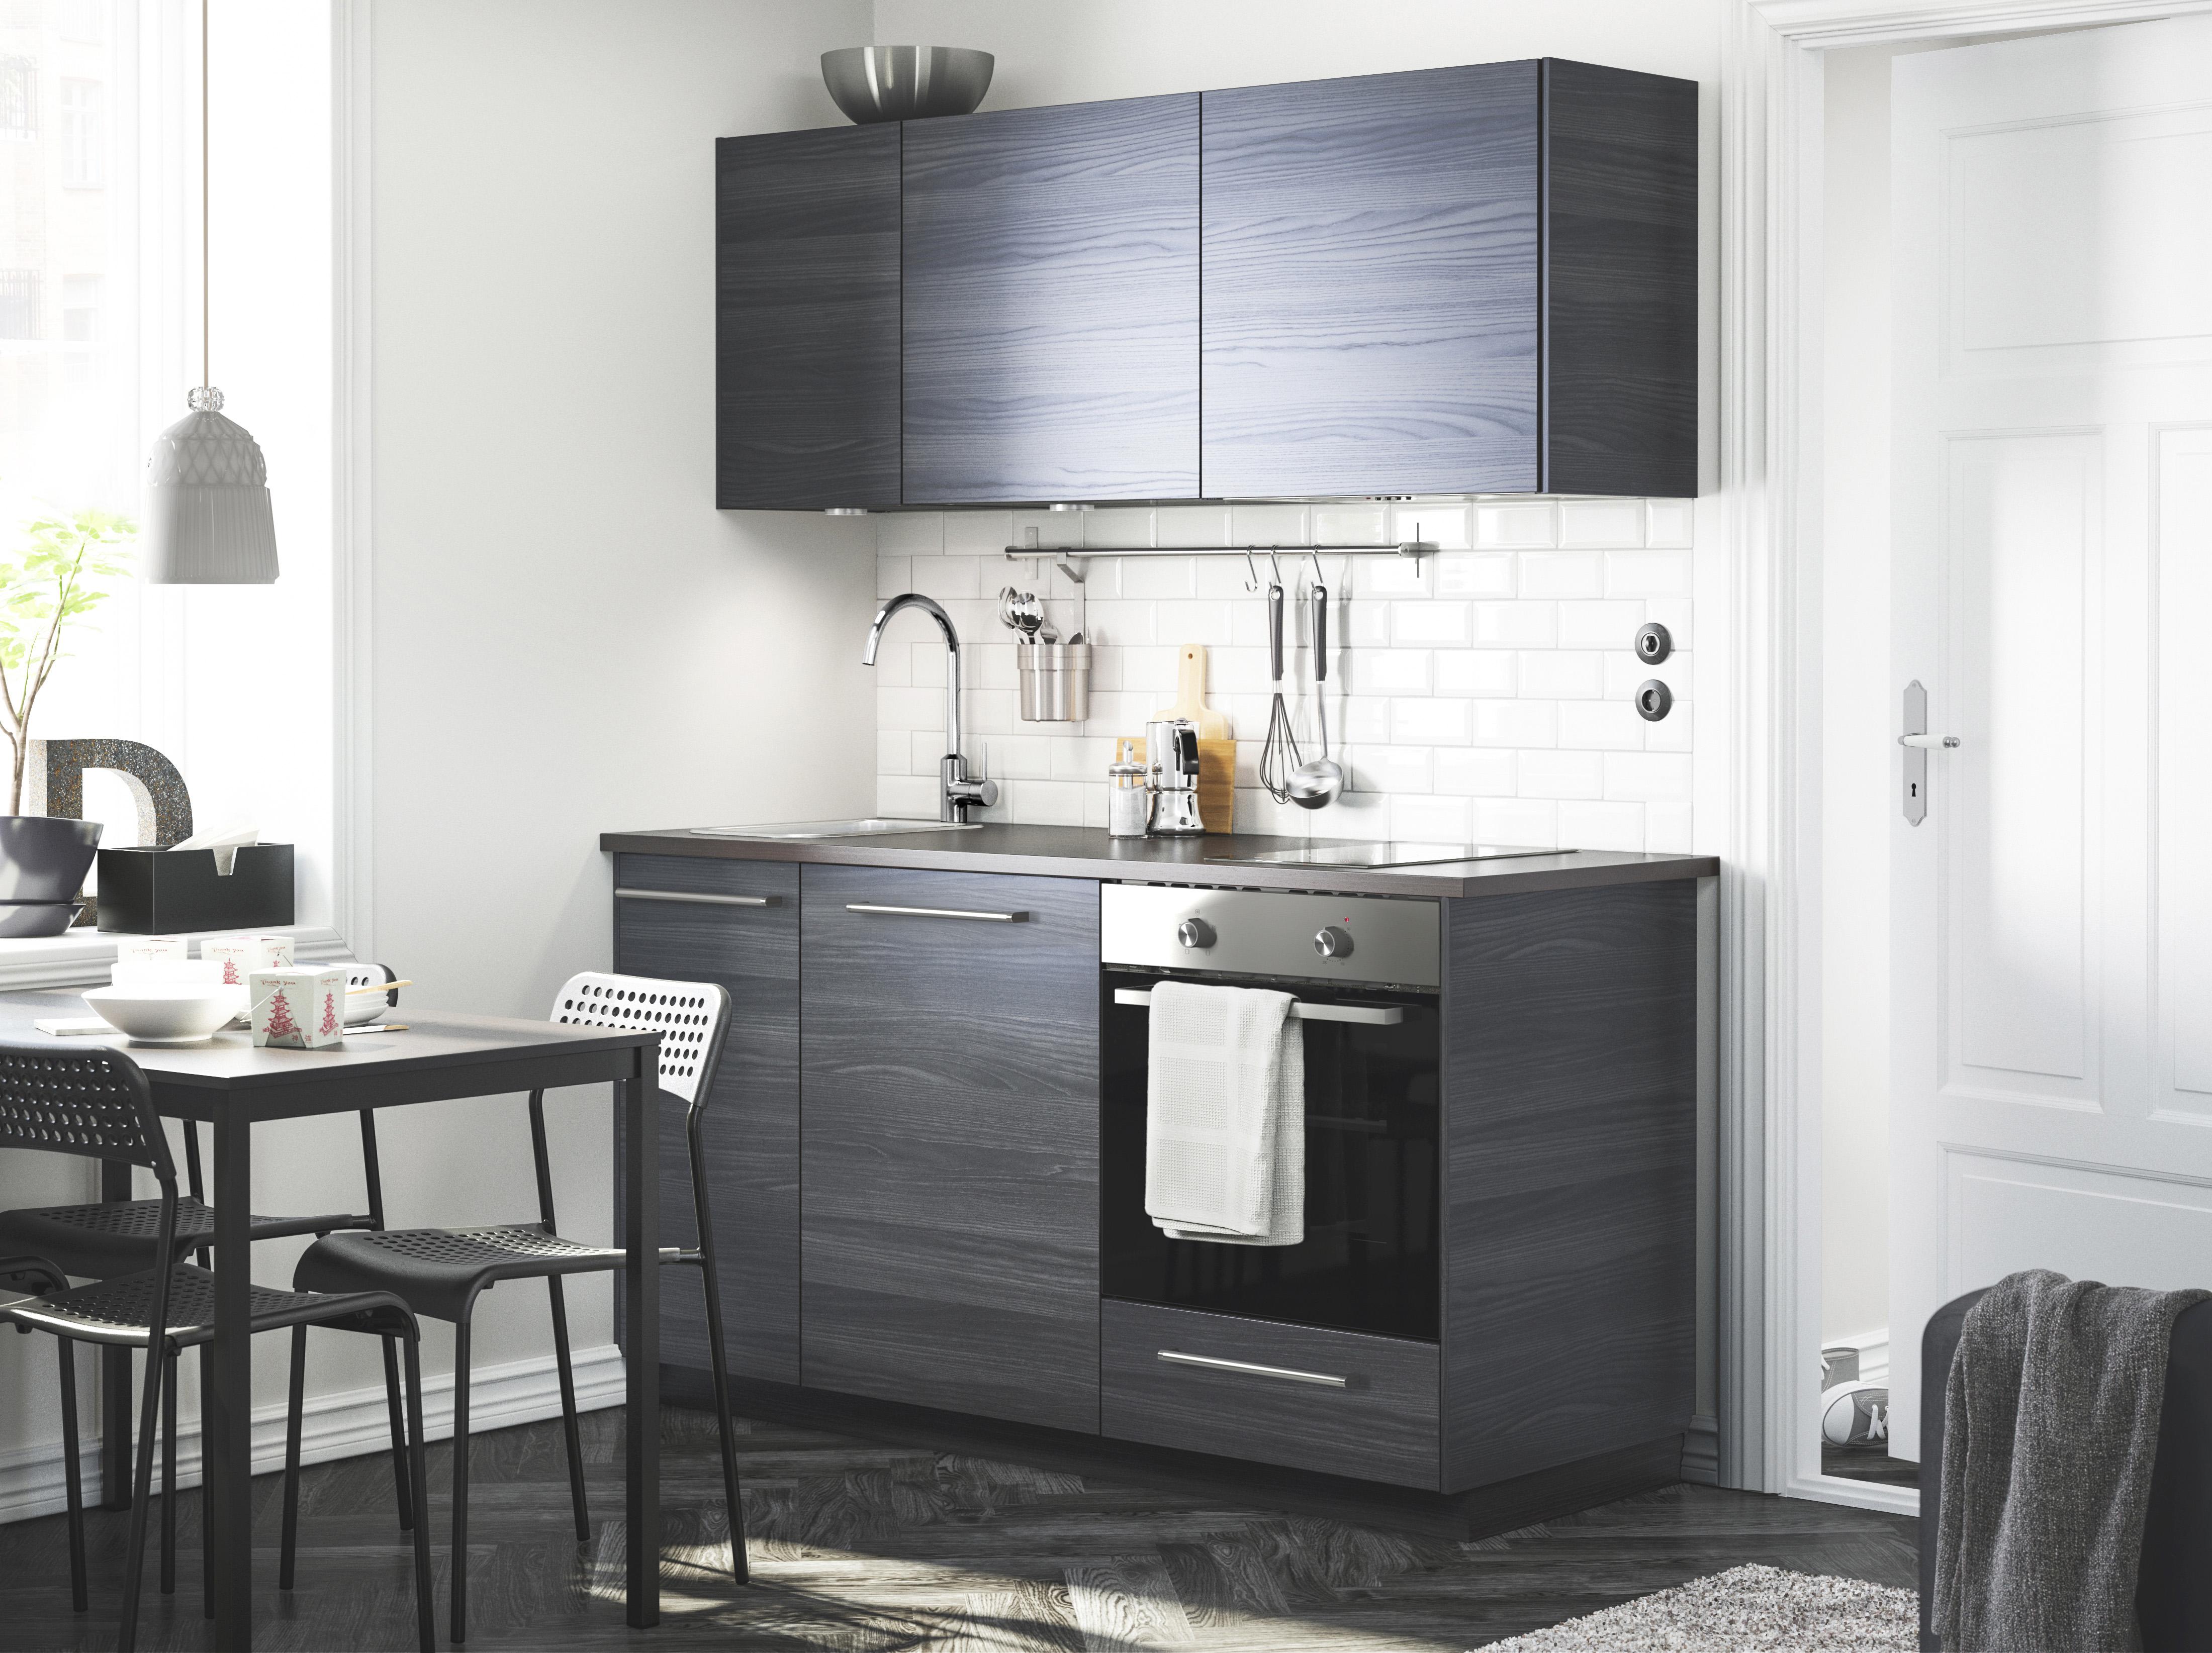 Kleine Küchen: Planen & Gestalten